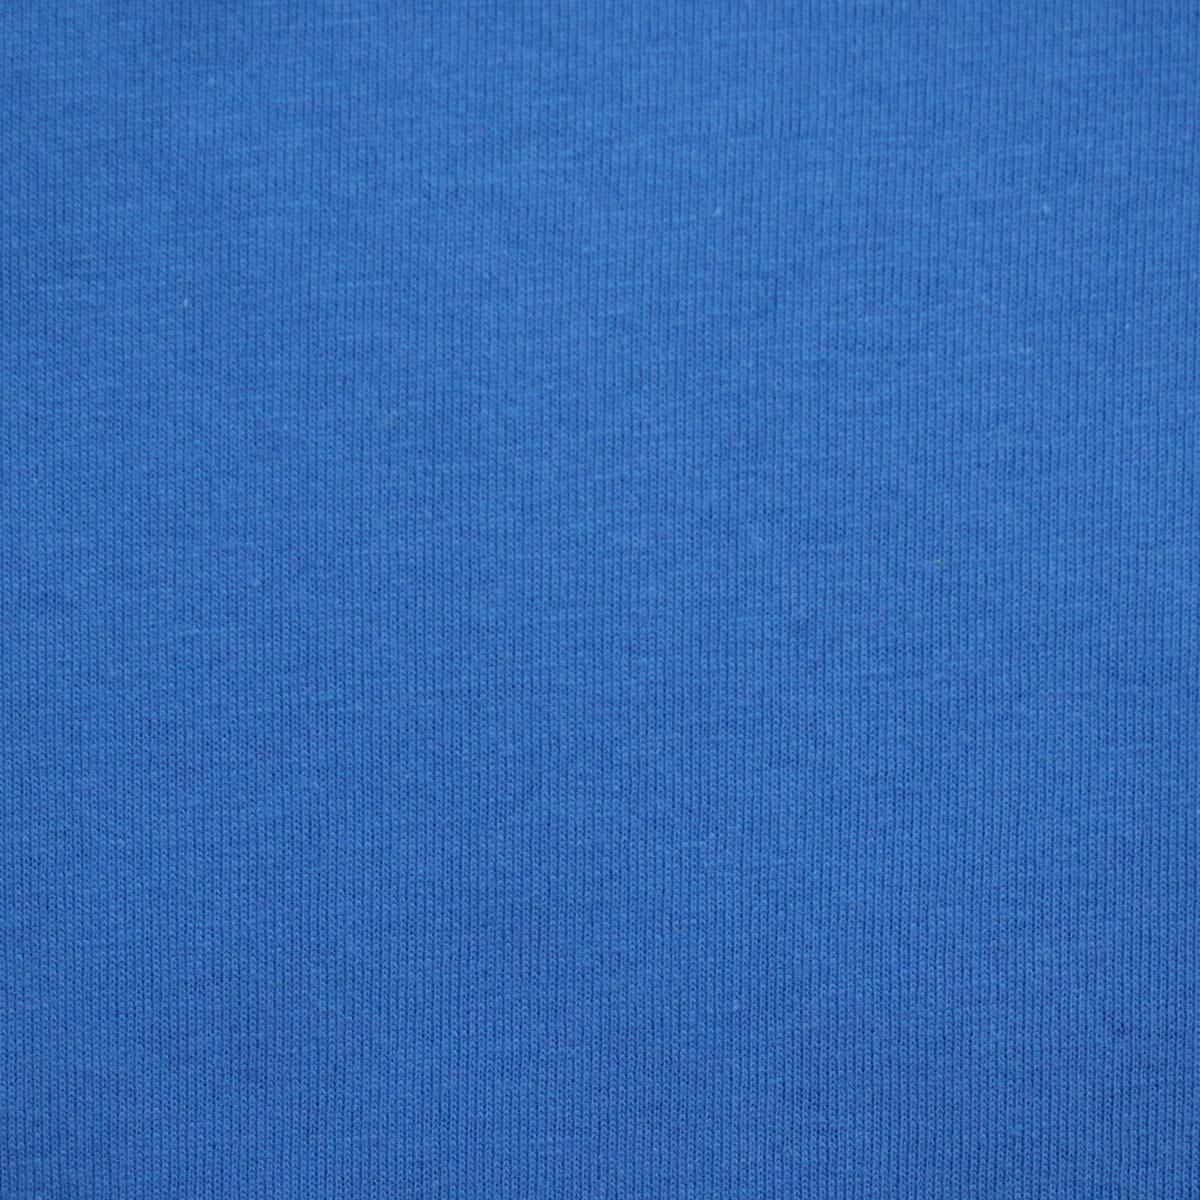 Ткань 'Кулирная гладь' тонкая 50см*50см + 1см